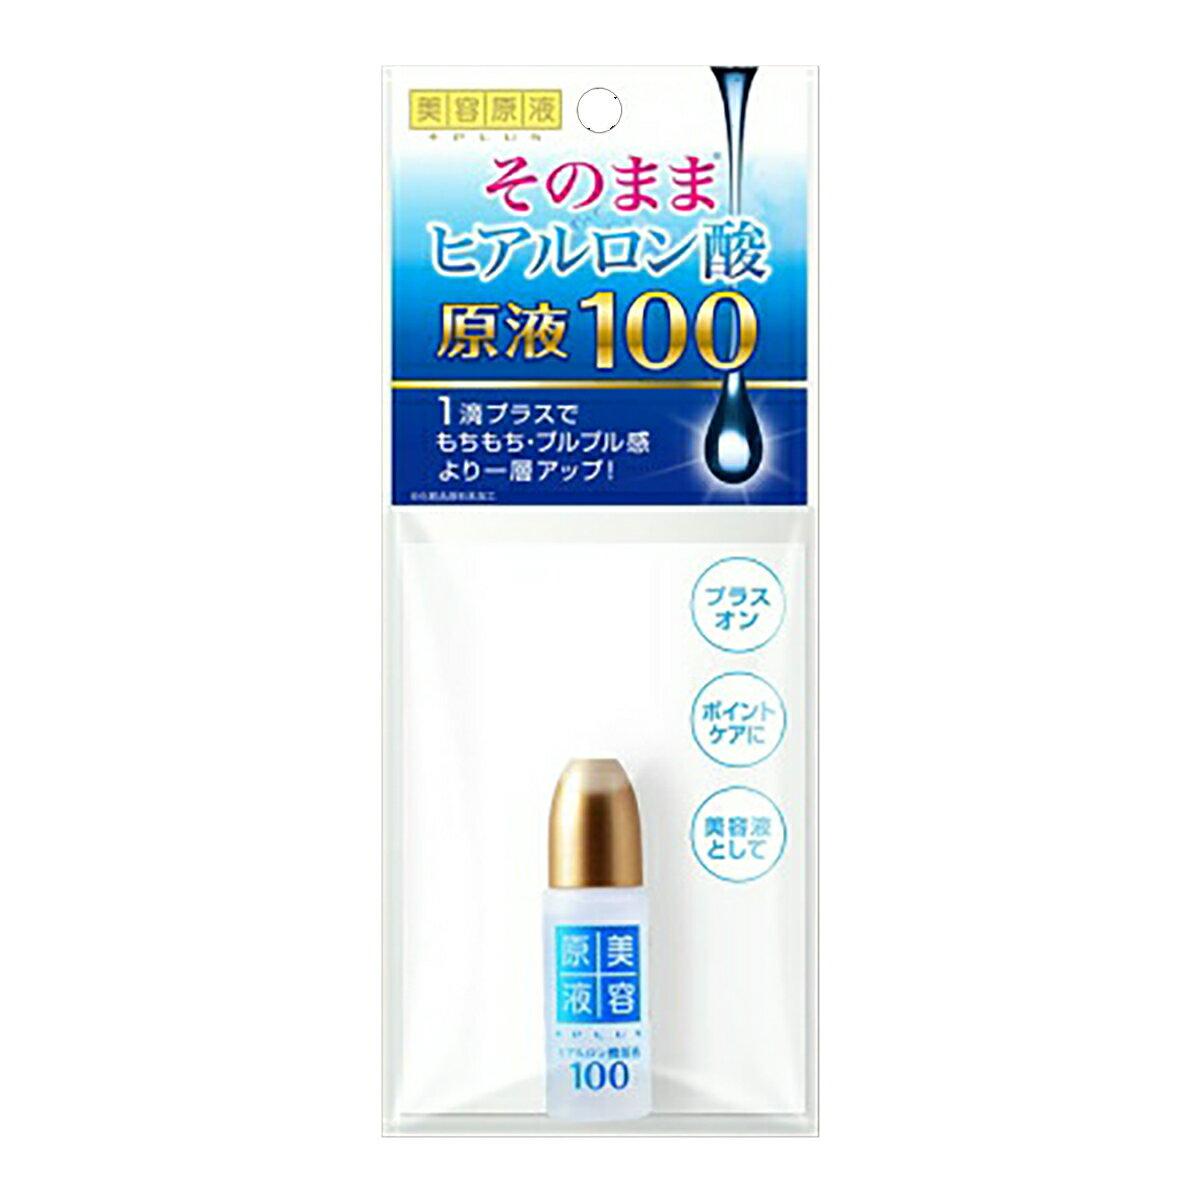 美容原液 ヒアルロン酸 原液100 Sサイズ 10ml×96個セット ( 4936201101412 )